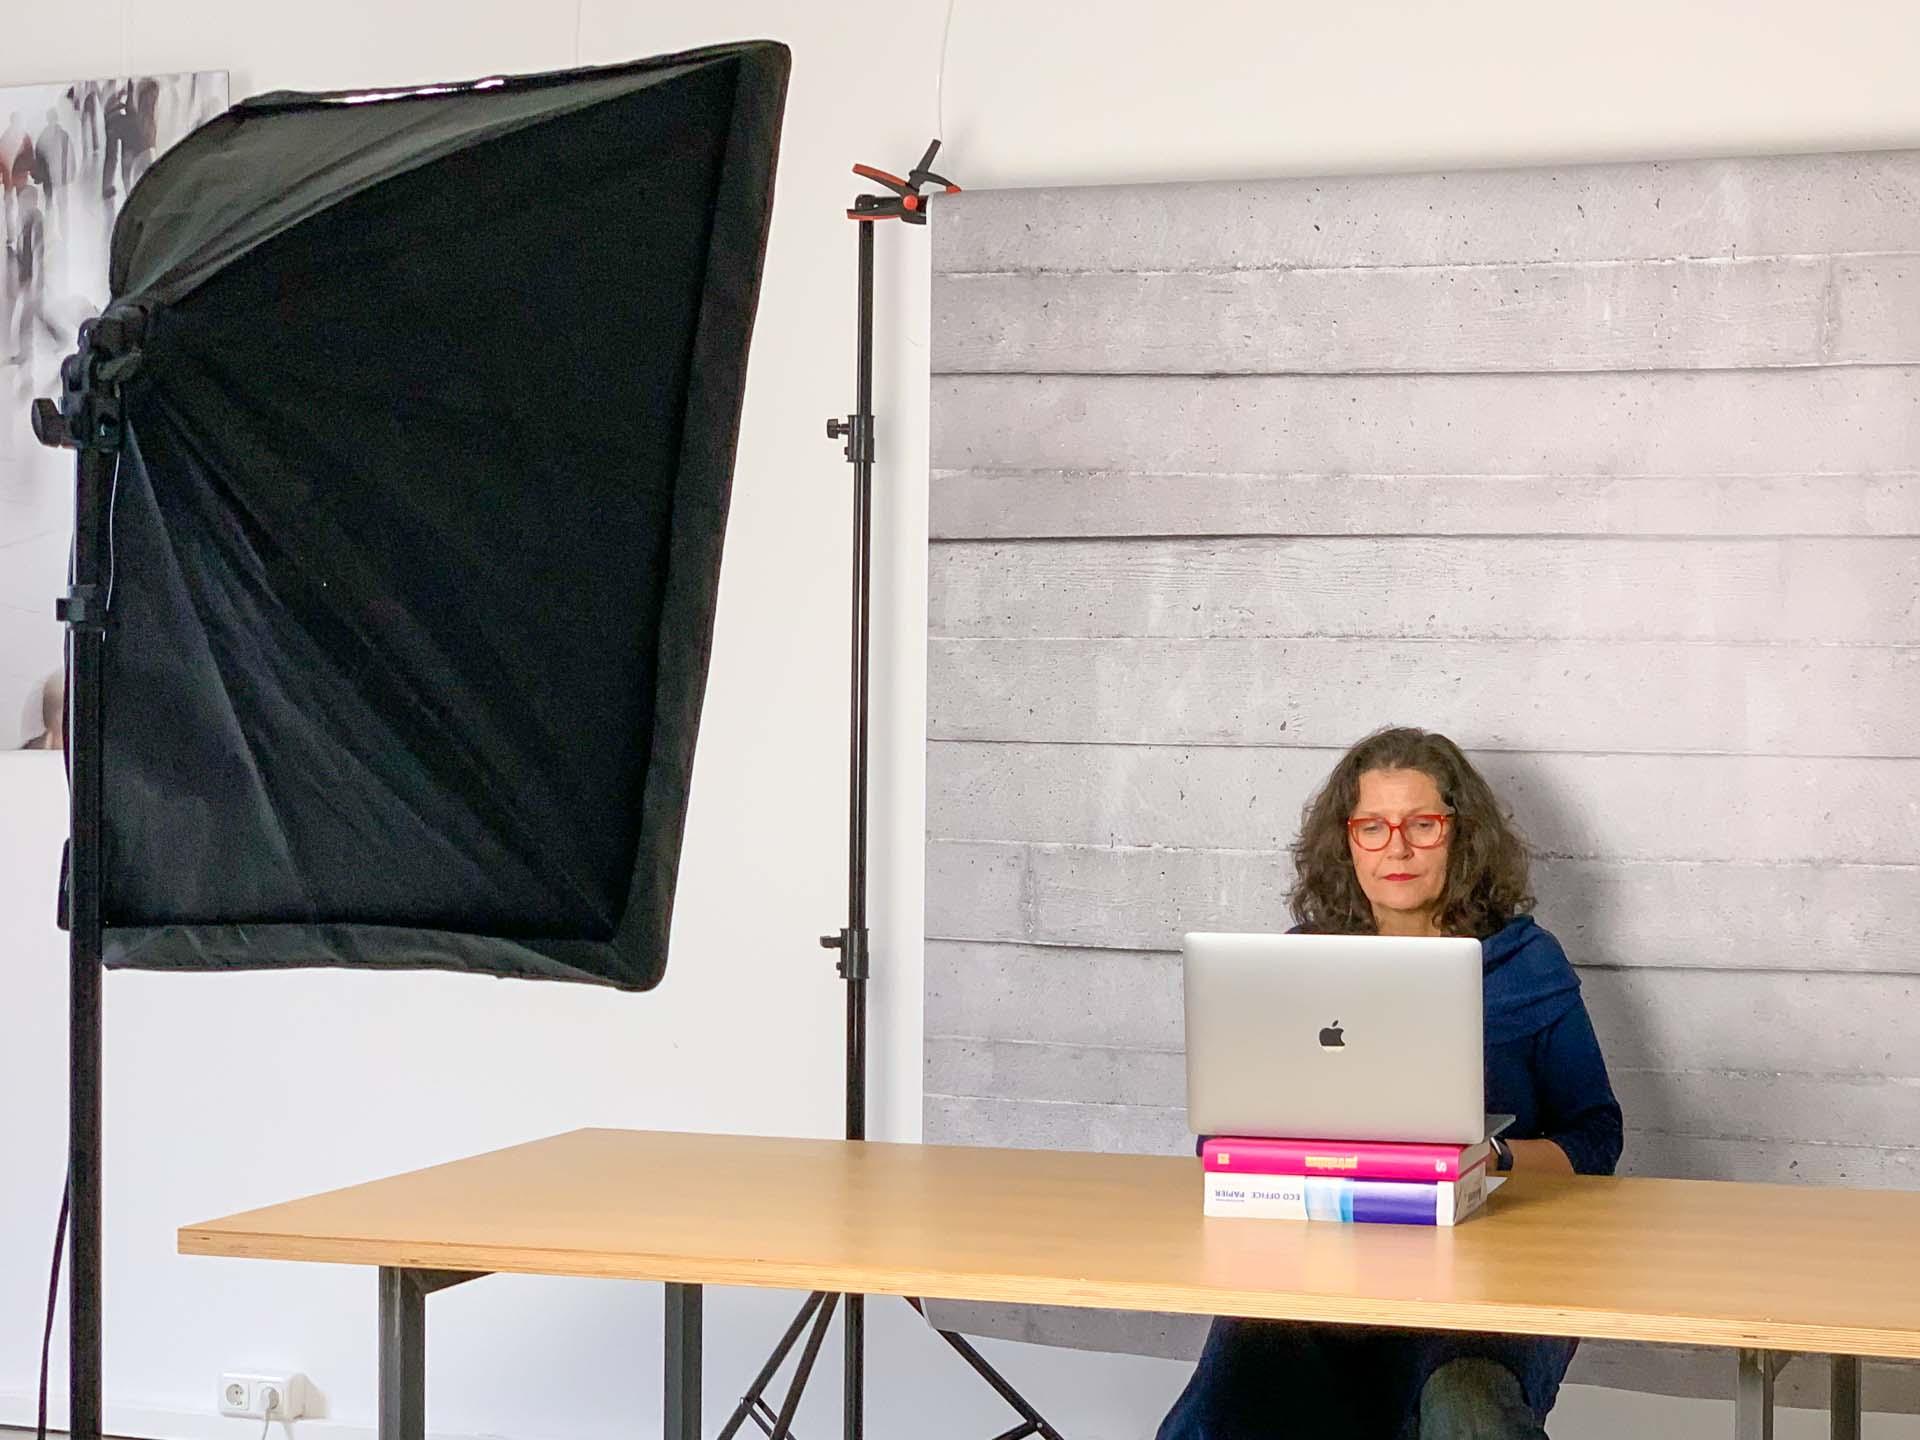 Präsentation vor der Kamera – der virtuelle Sitzungssaal